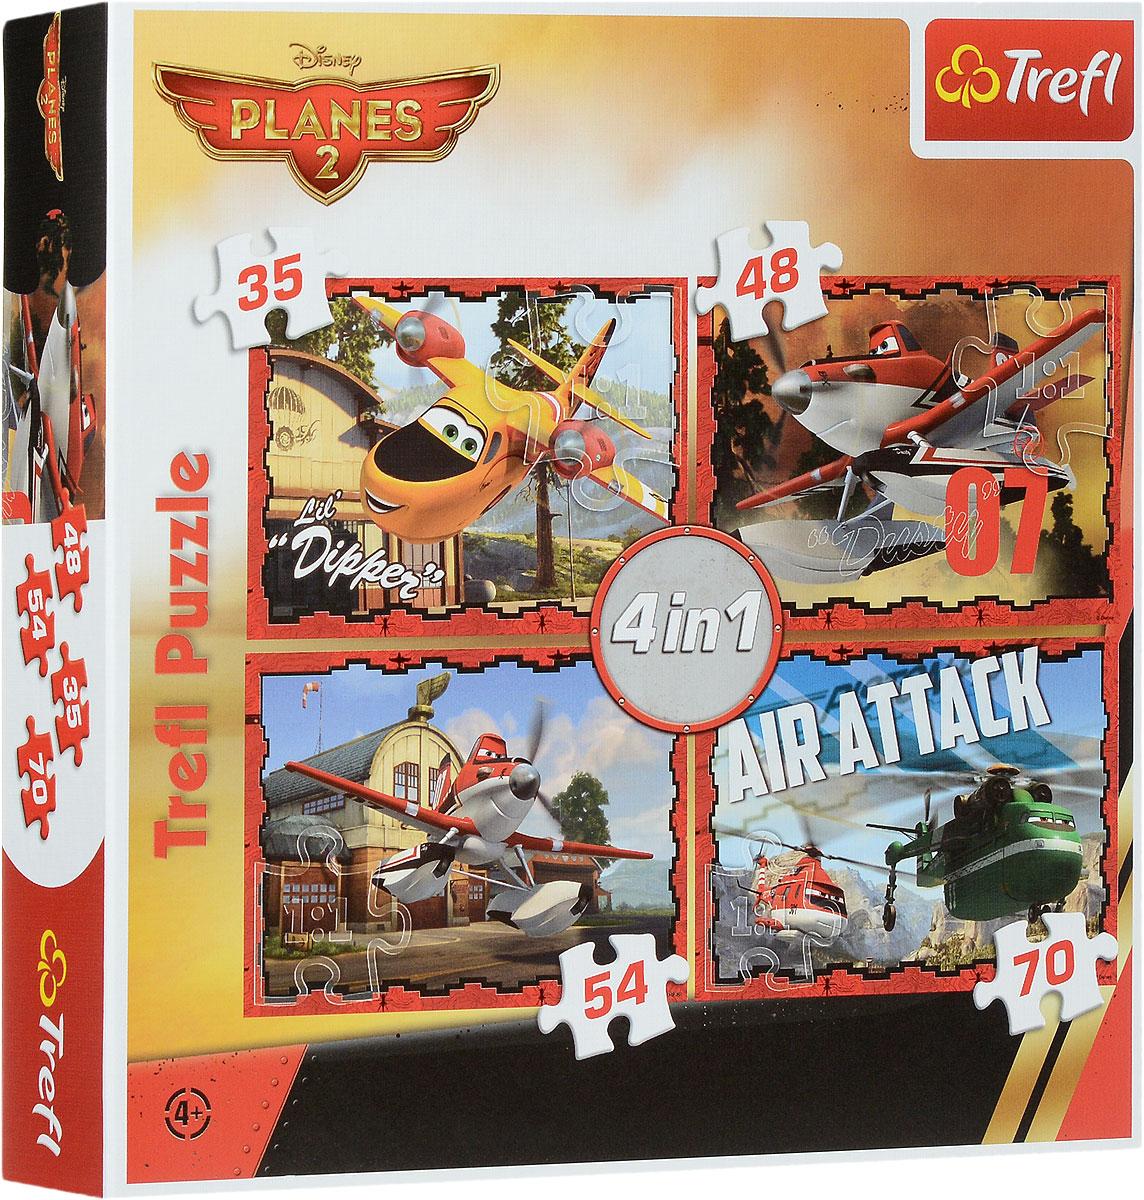 Trefl Пазл Самолеты 2 в деле 4 в 134230Пазл Trefl Самолеты 2 в деле подарит радость не только поклонникам знаменитого мультфильма, но и любителям головоломок. В комплект входят четыре пазла, состоящих из 35, 48, 54 и 70 деталей. Ребенок сможет начать с самой легкой головоломки, постепенно увеличивая сложность. Пазлы помогут малышу развить мышление, внимание и моторику рук. При этом он получит четыре картины с полюбившимися героями, которыми сможет украсить свою комнату. Пазлы выполнены из высококачественного картона, устойчивого к влаге. Польская компания Trefl занимается производством пазлов с 1985 года. За время своего существования бренд получил мировую известность и стал популярным в более чем 50 странах. Размер готового пазла: 28,5 см х 20,5 см.